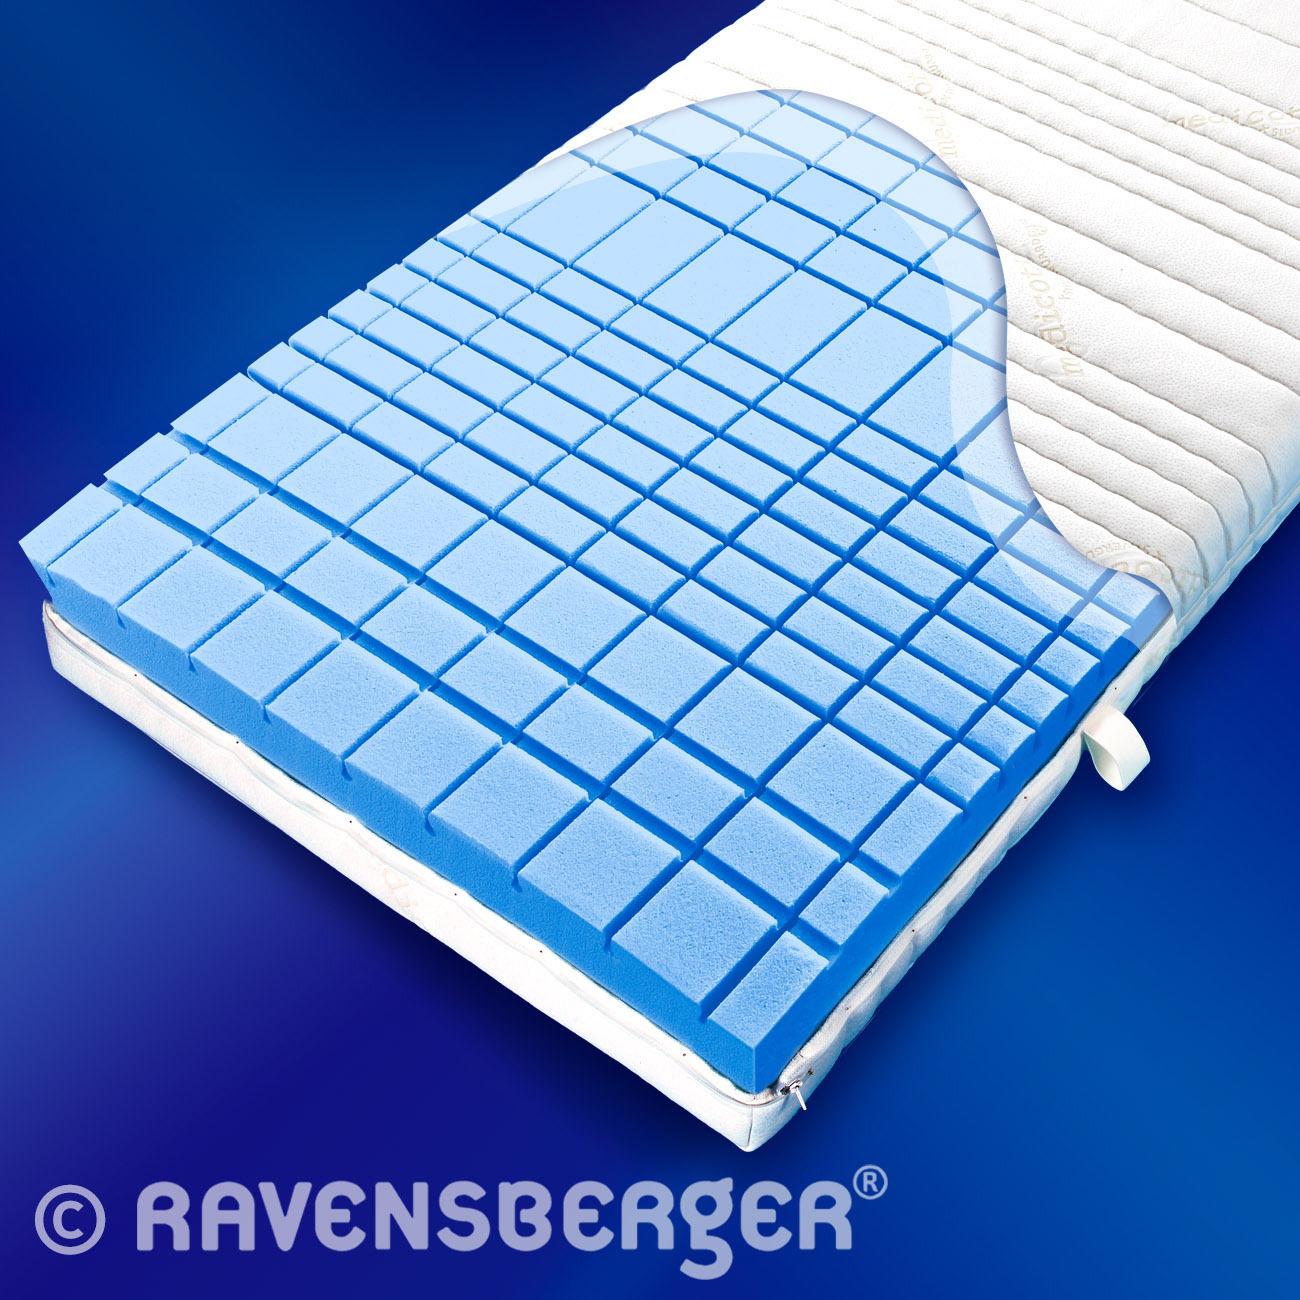 Ravensberger STRUKTURA-MED 60 7 Zonen HYLEX HR Kaltschaum Matratze H 19 cm H2-H4